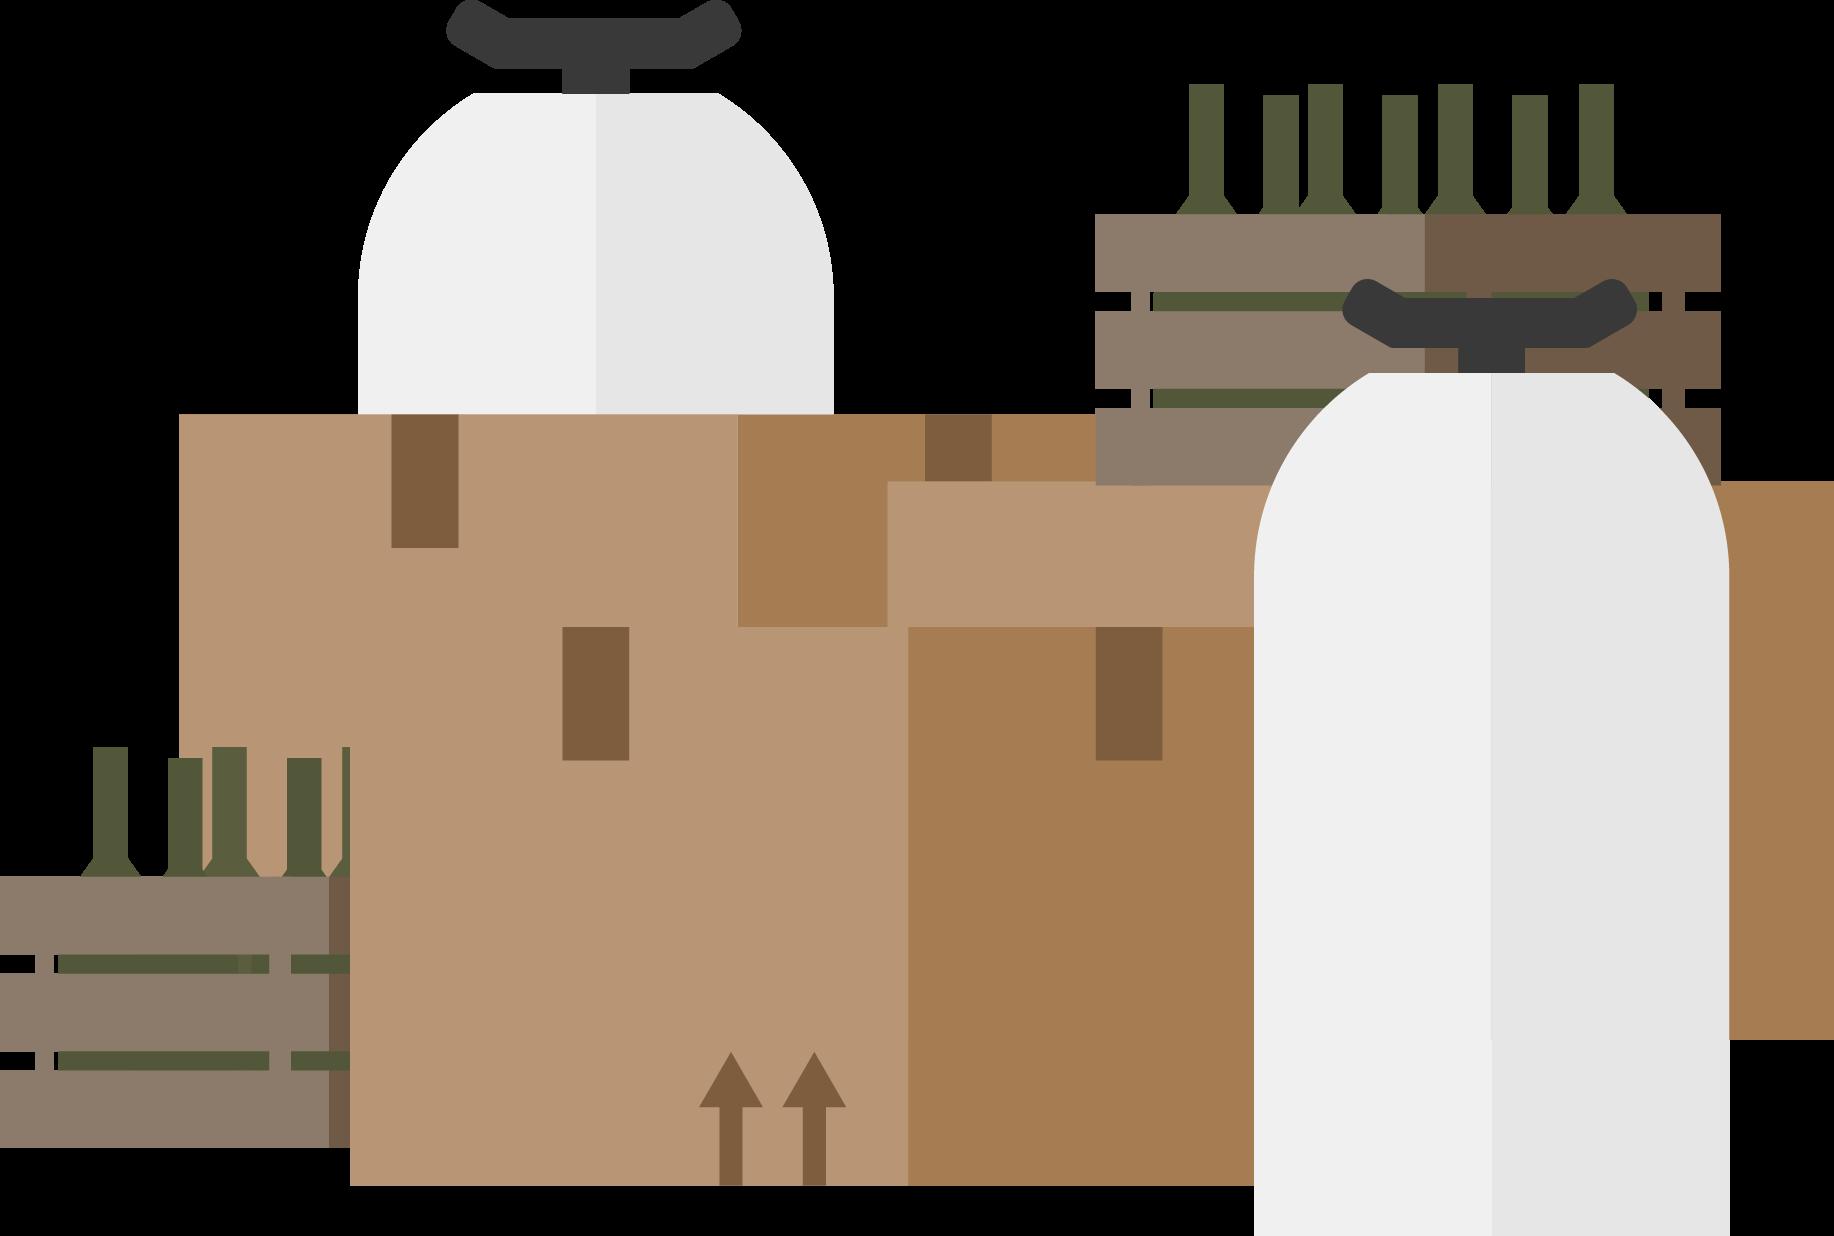 Illustrasjon av ølbokser, flasker og key kegs